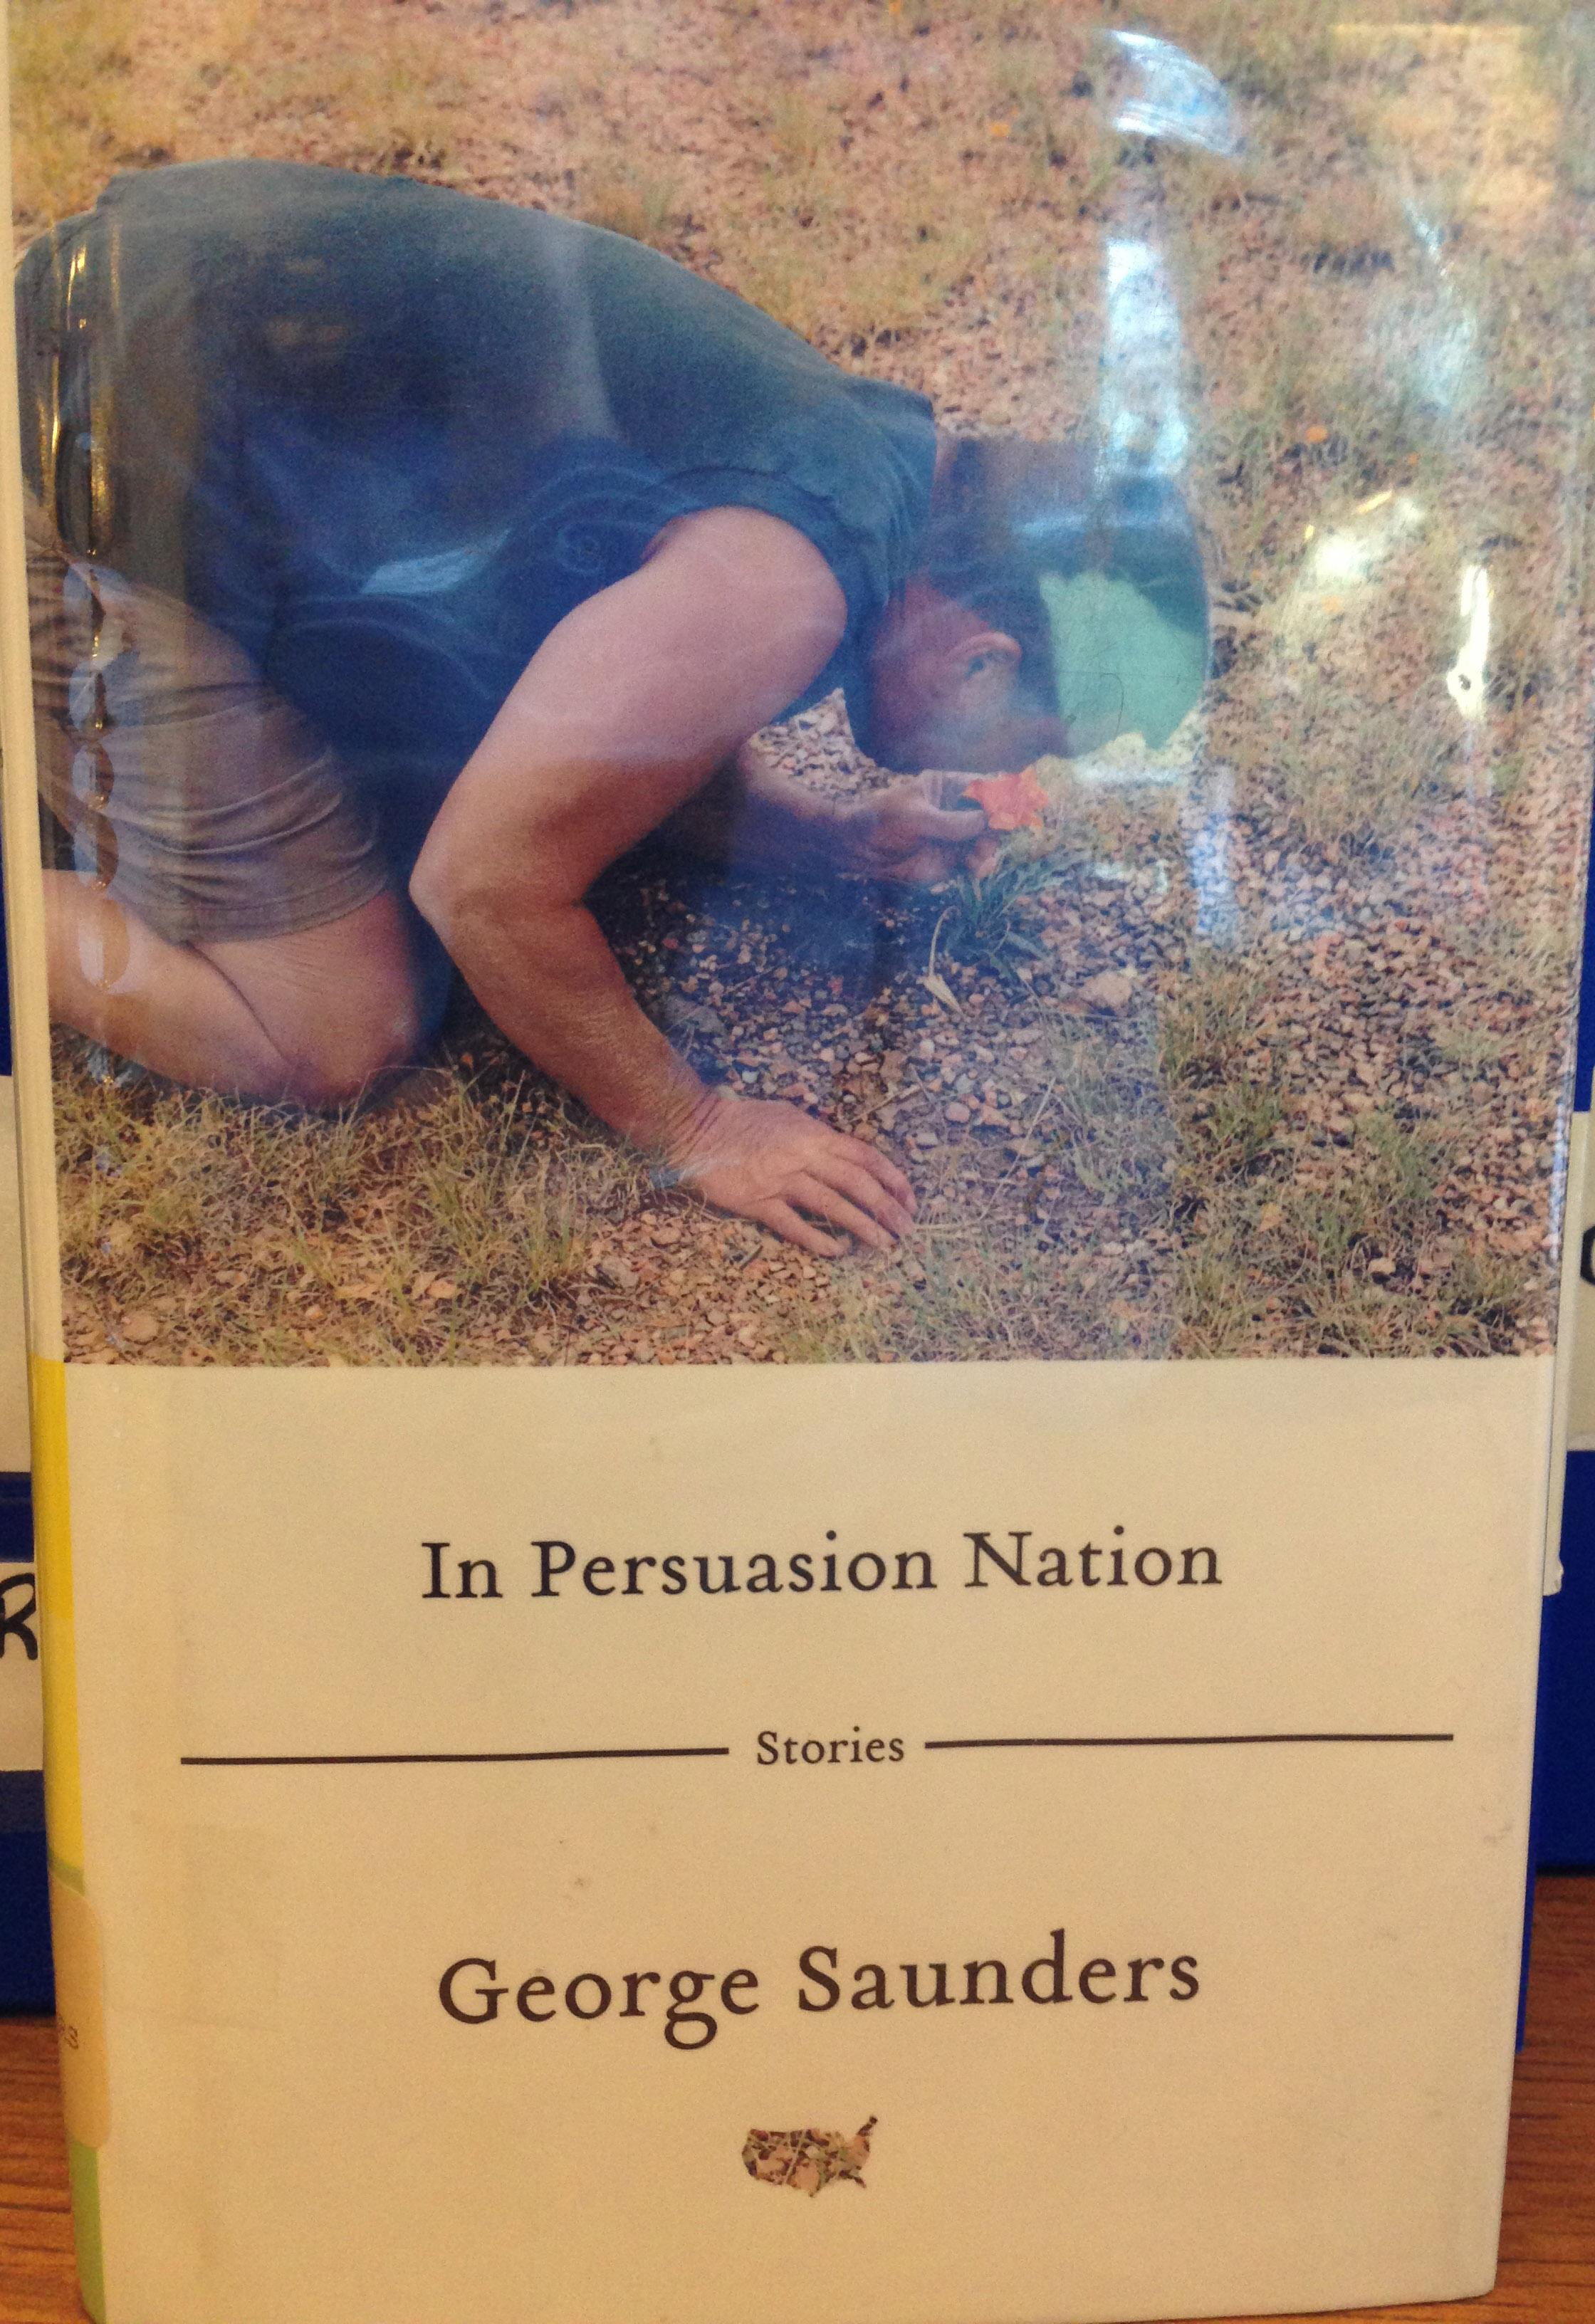 inpersuasionnation